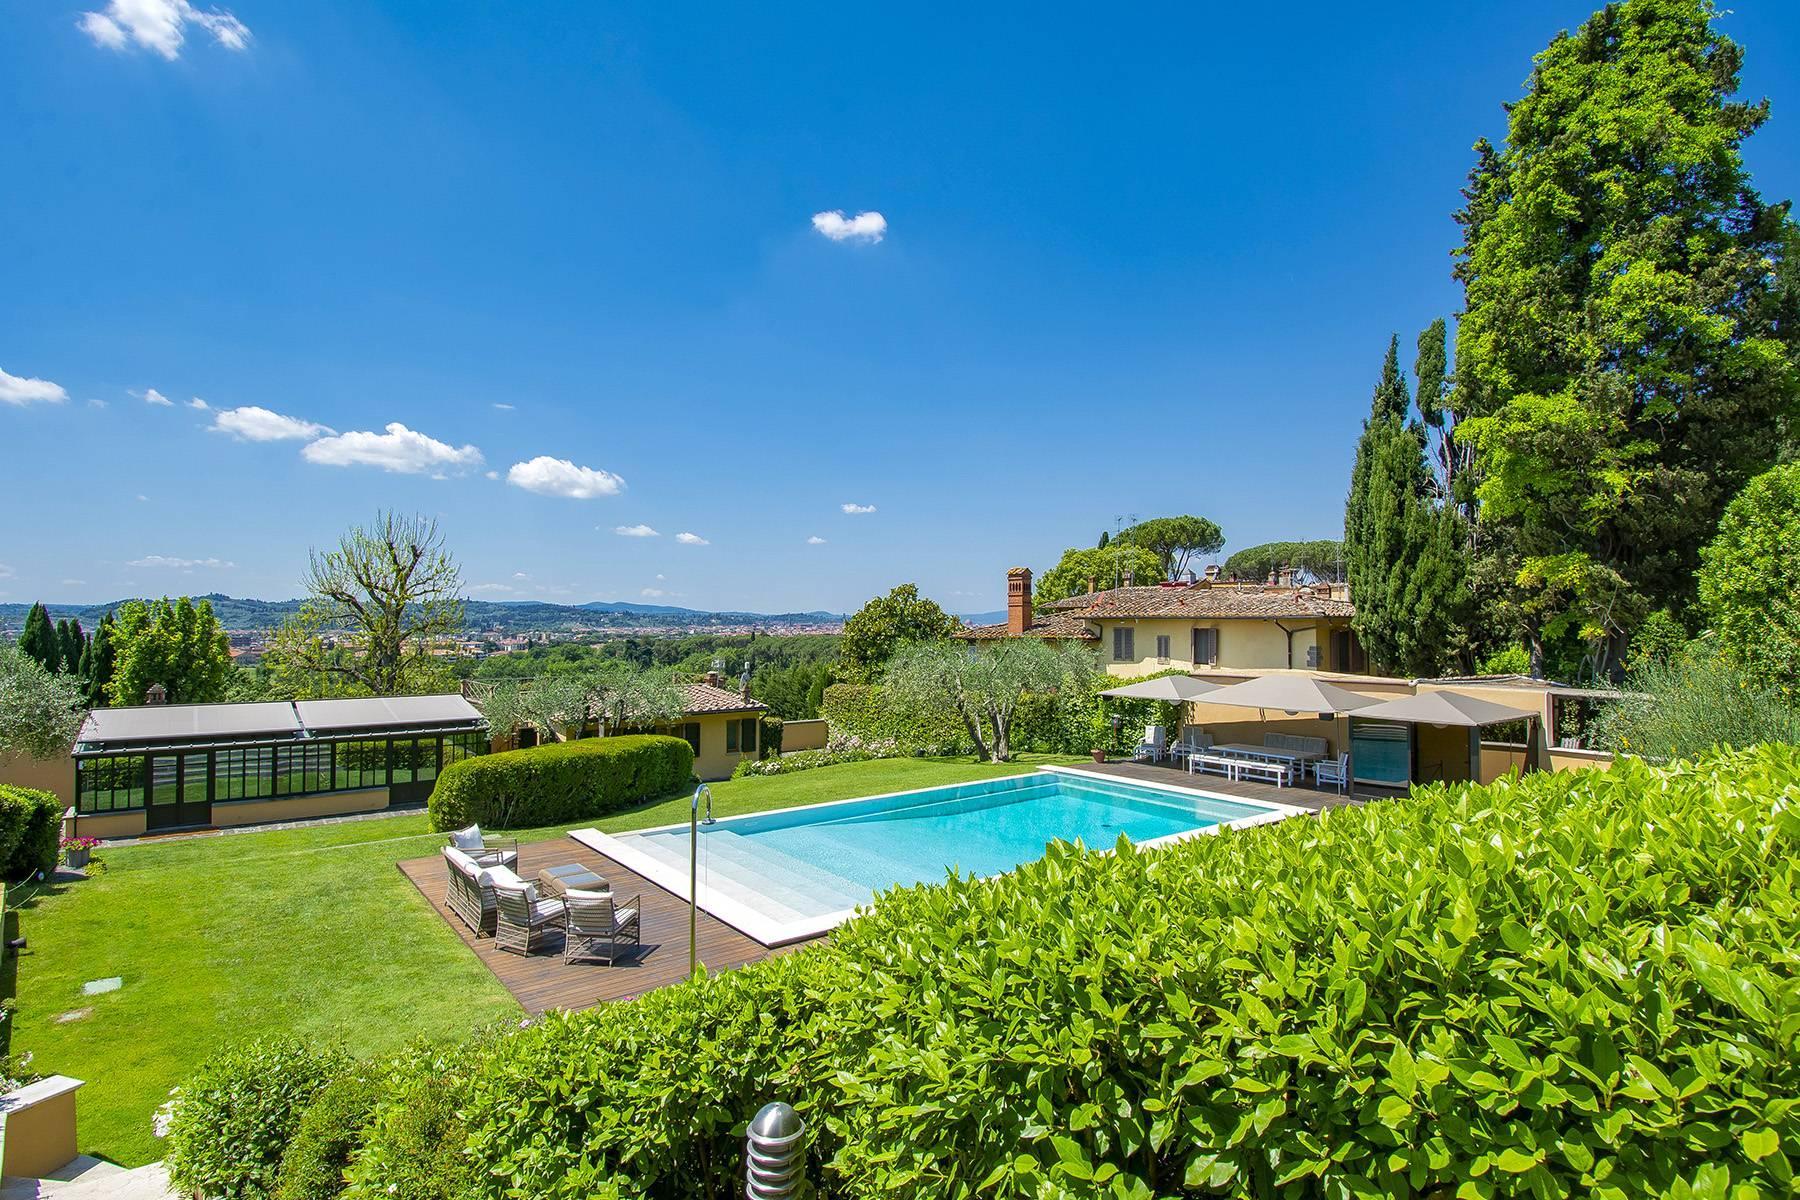 Außergewöhnliche Villa auf den Hügeln um Florenz mit Swimmingpool und Fitnessraum - 1